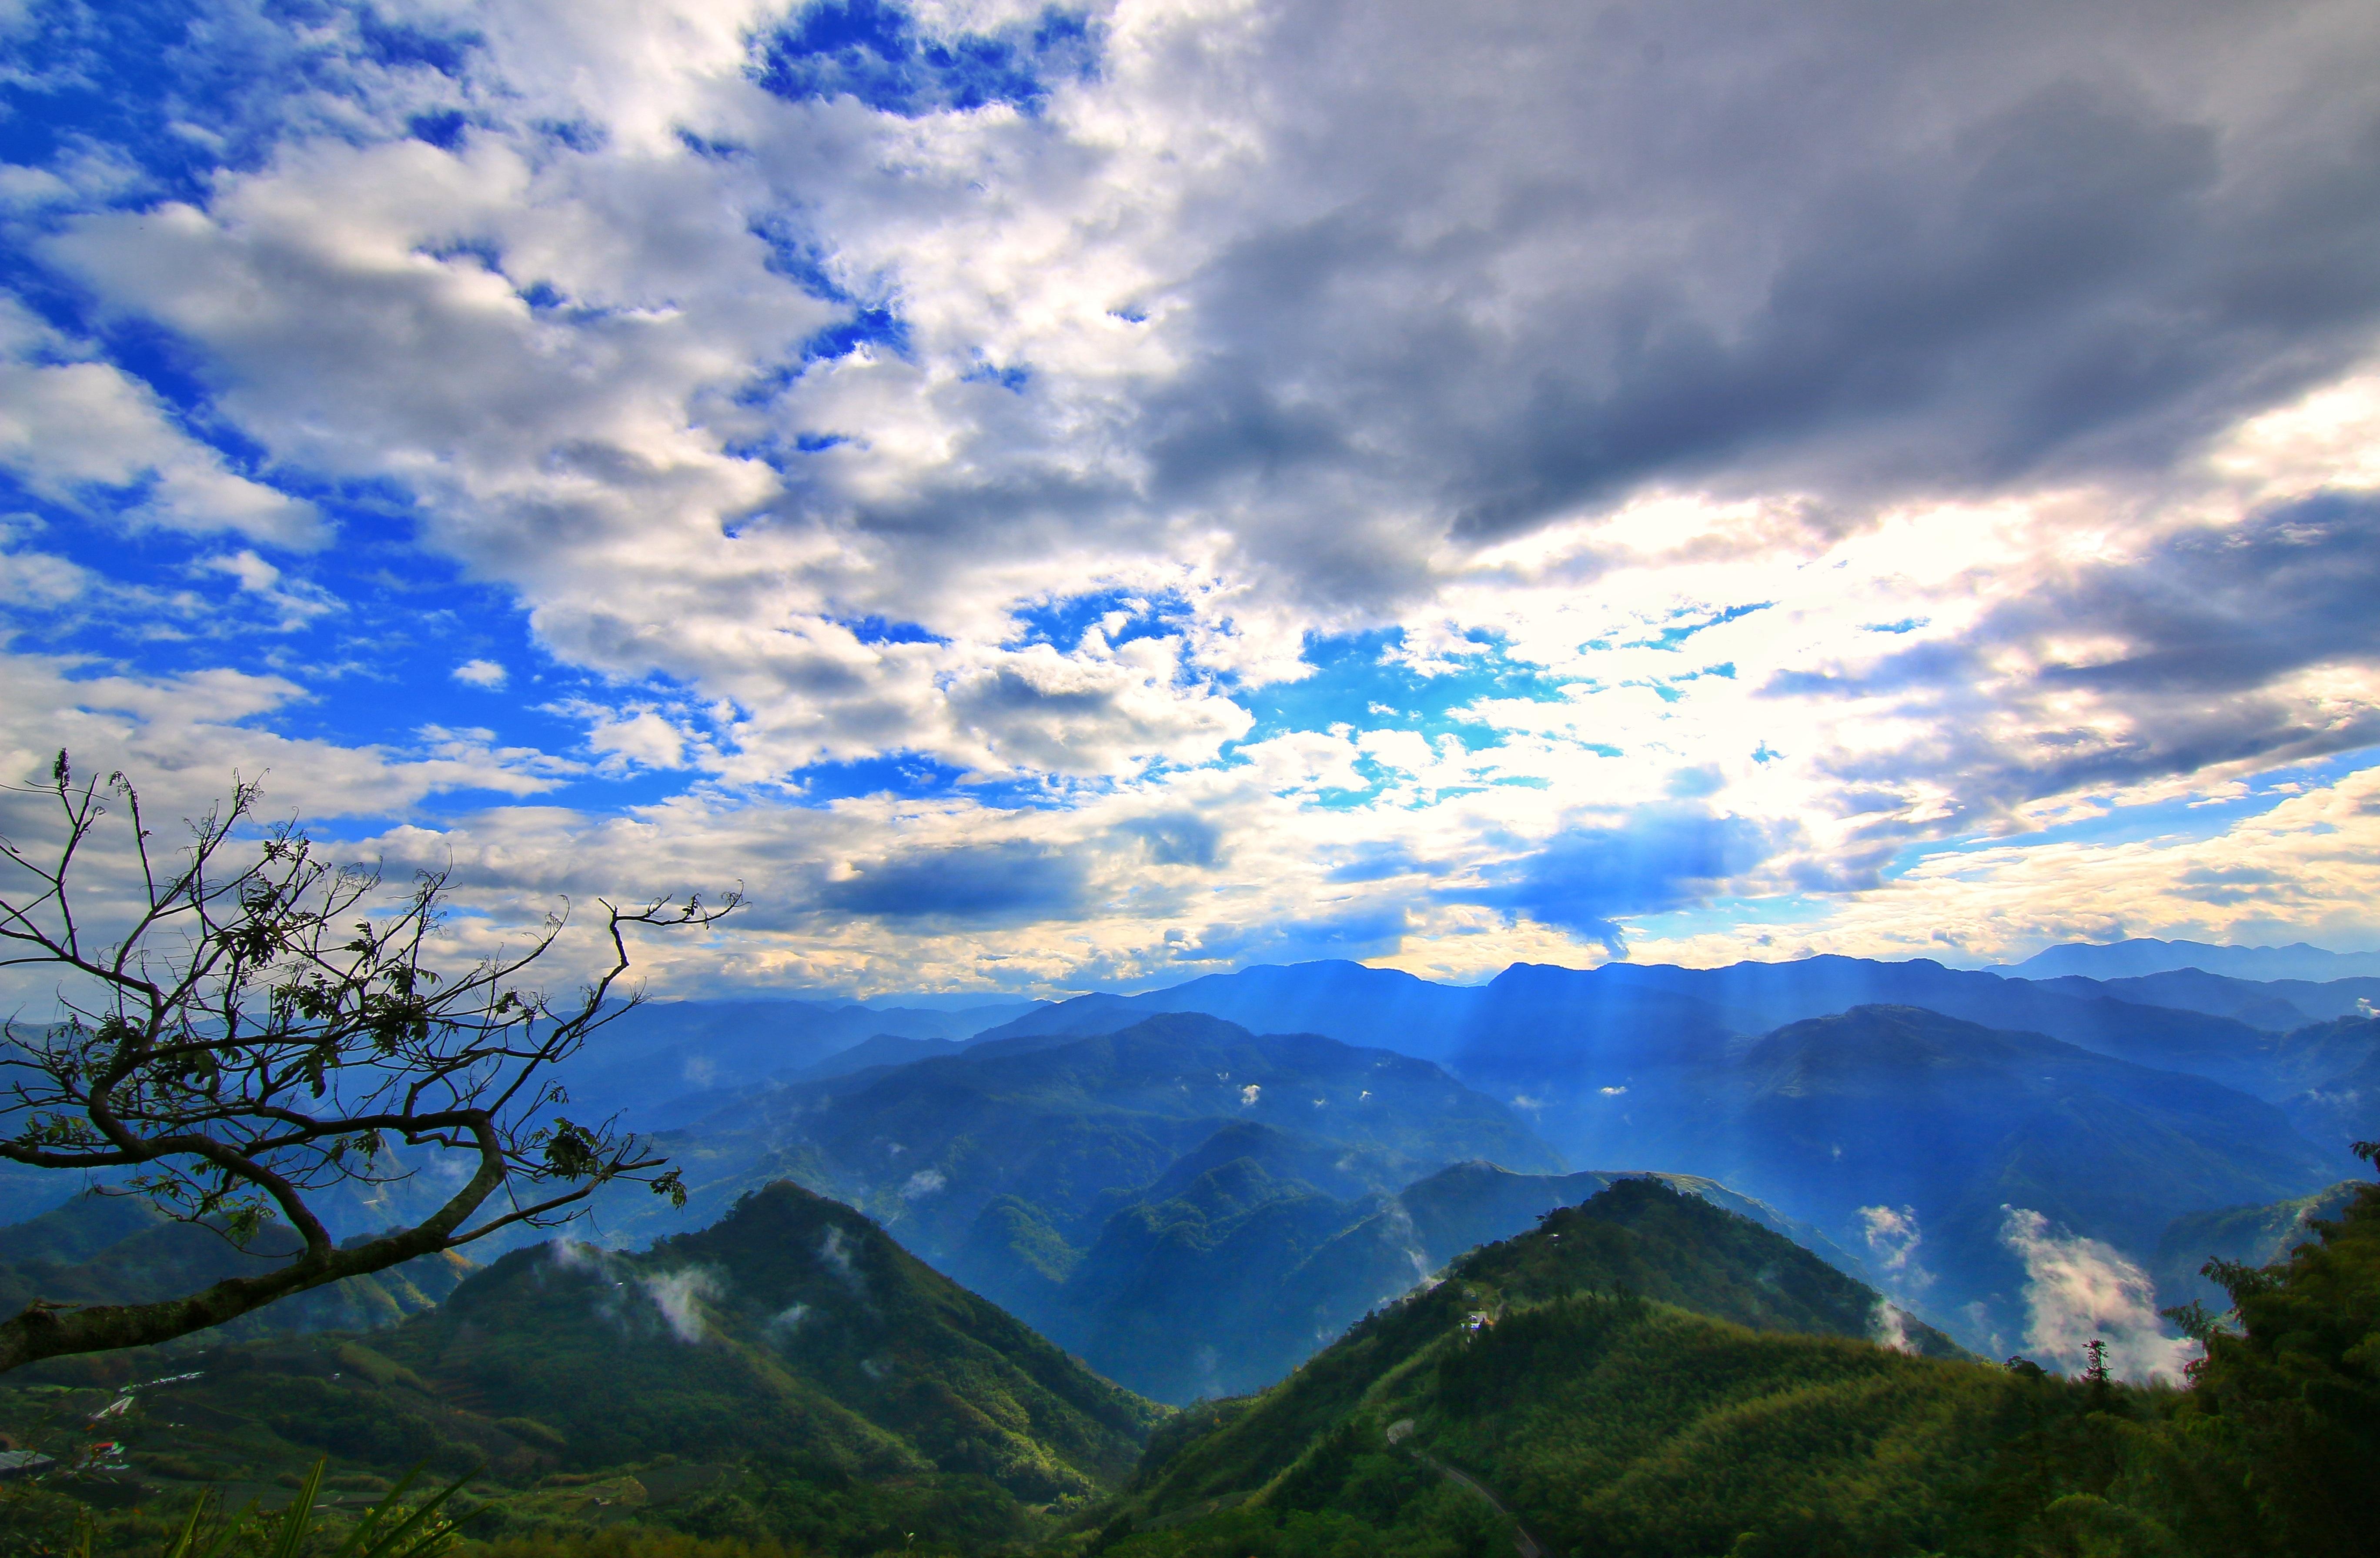 красивые картинки гор с облаками представленные этой странице